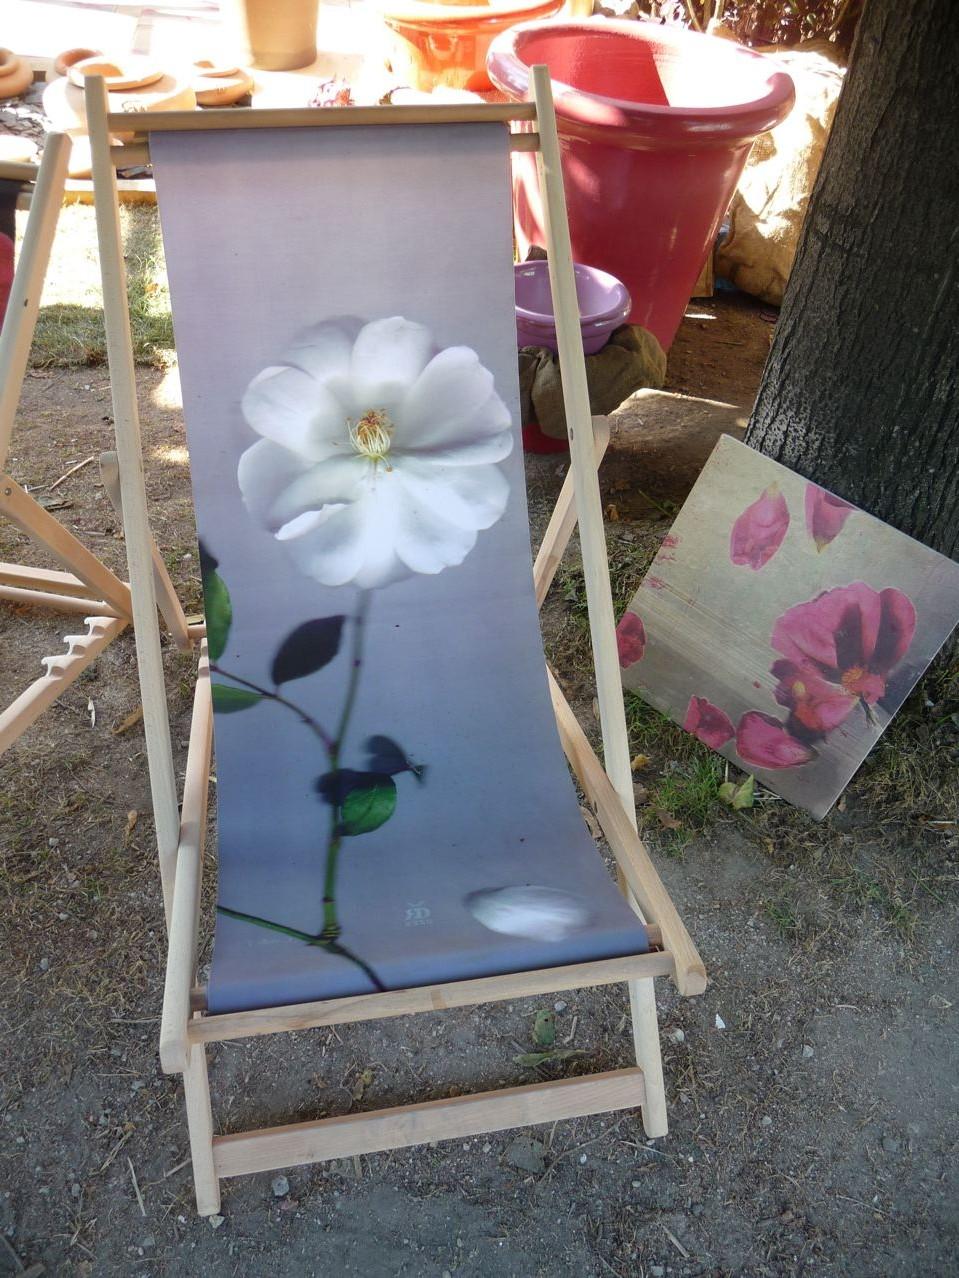 Toile Chaise Longue Paris